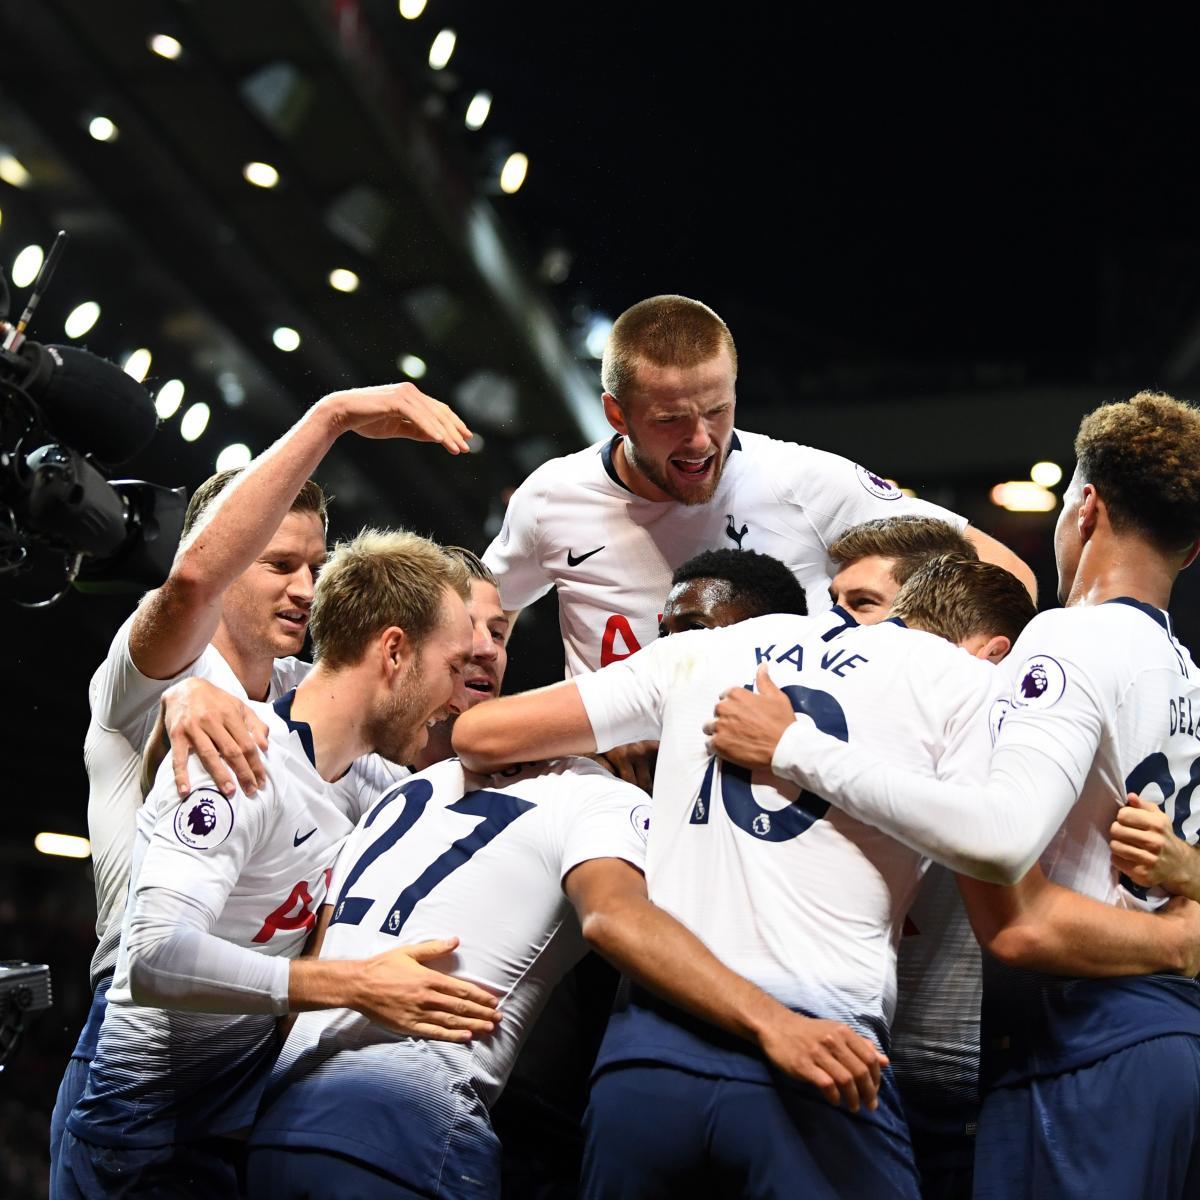 Ajax Vs Tottenham Hotspur Preview Live Stream Tv Info: Tottenham Vs. Liverpool: Odds, Preview, Live Stream, TV